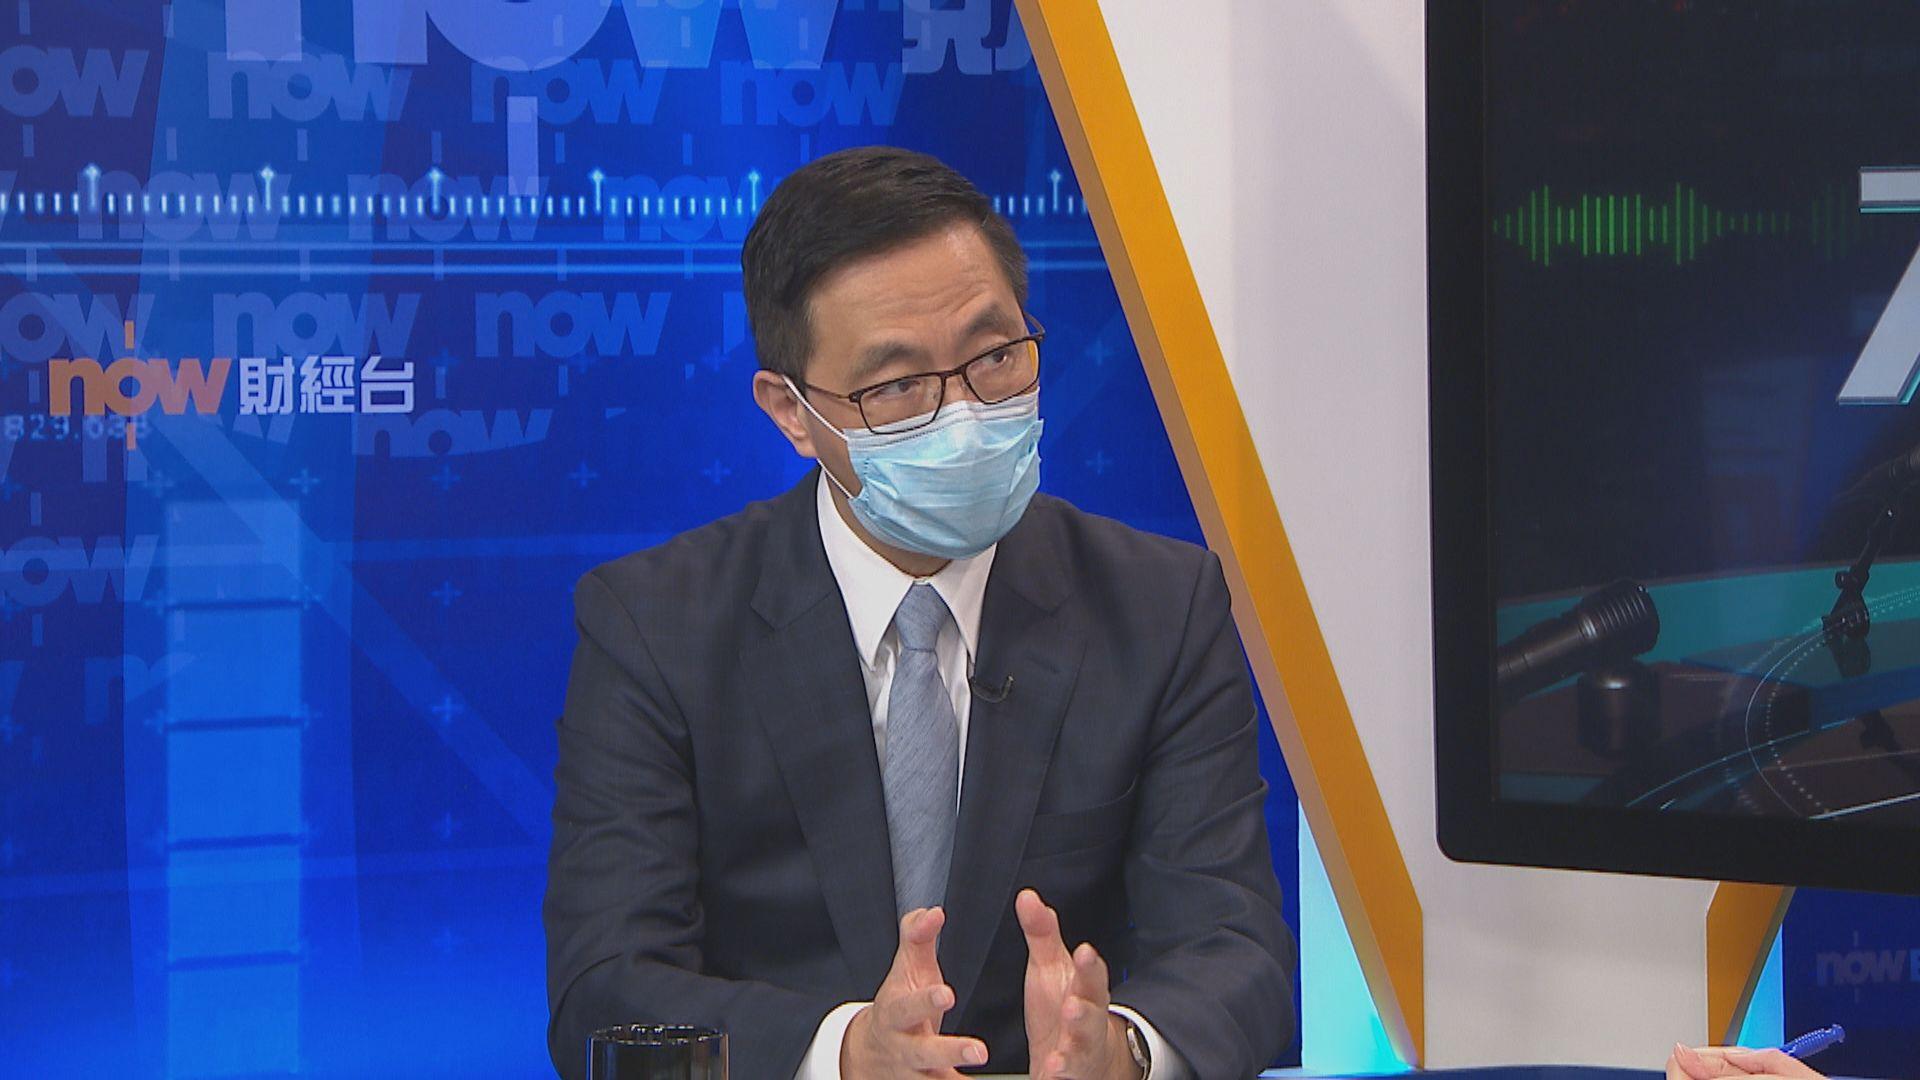 楊潤雄:教育局會派員到校協助推展國安教育課程